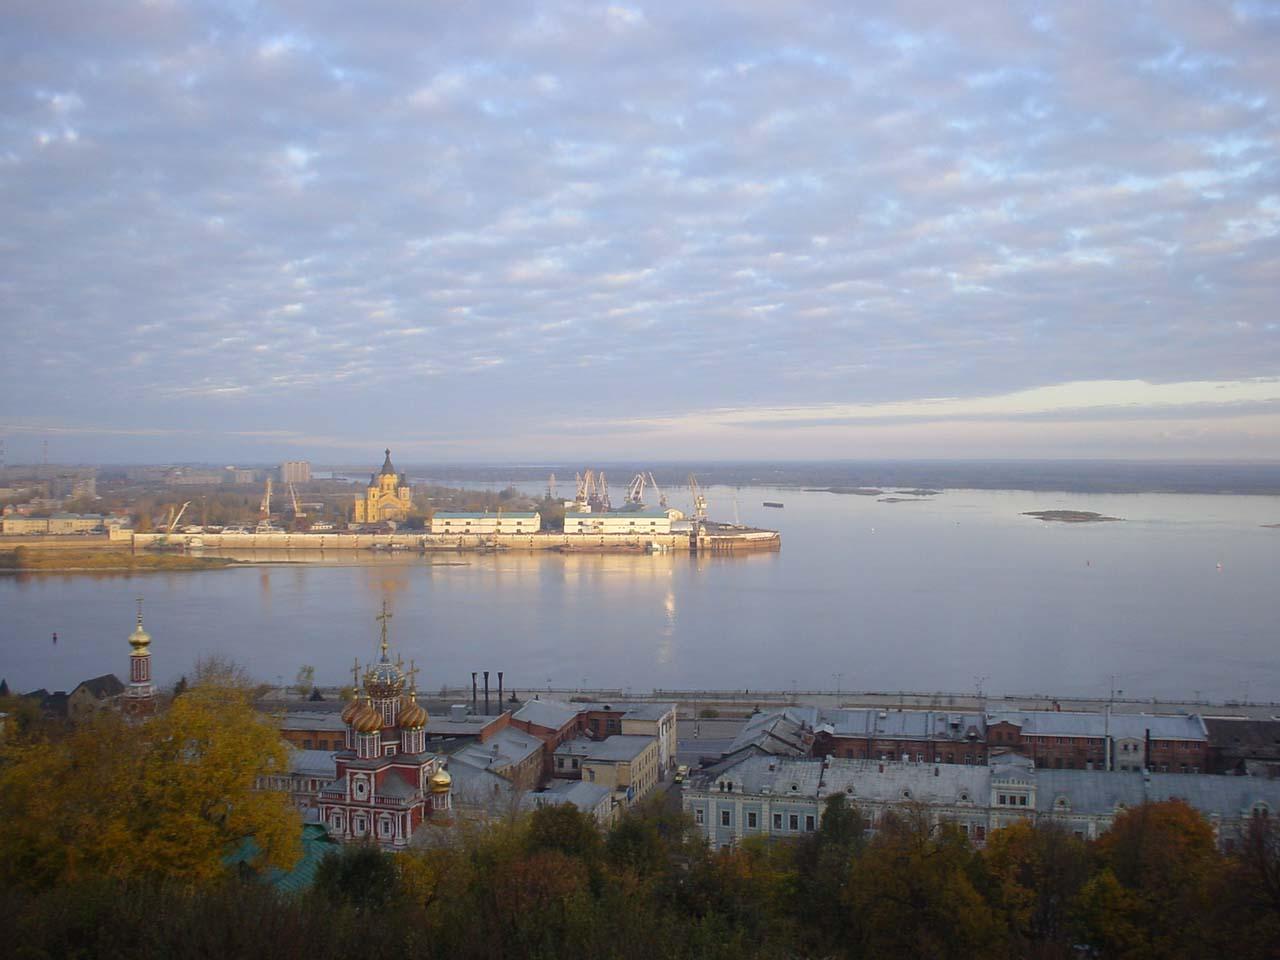 Россия! Моя Россия! Течёт река Волга!